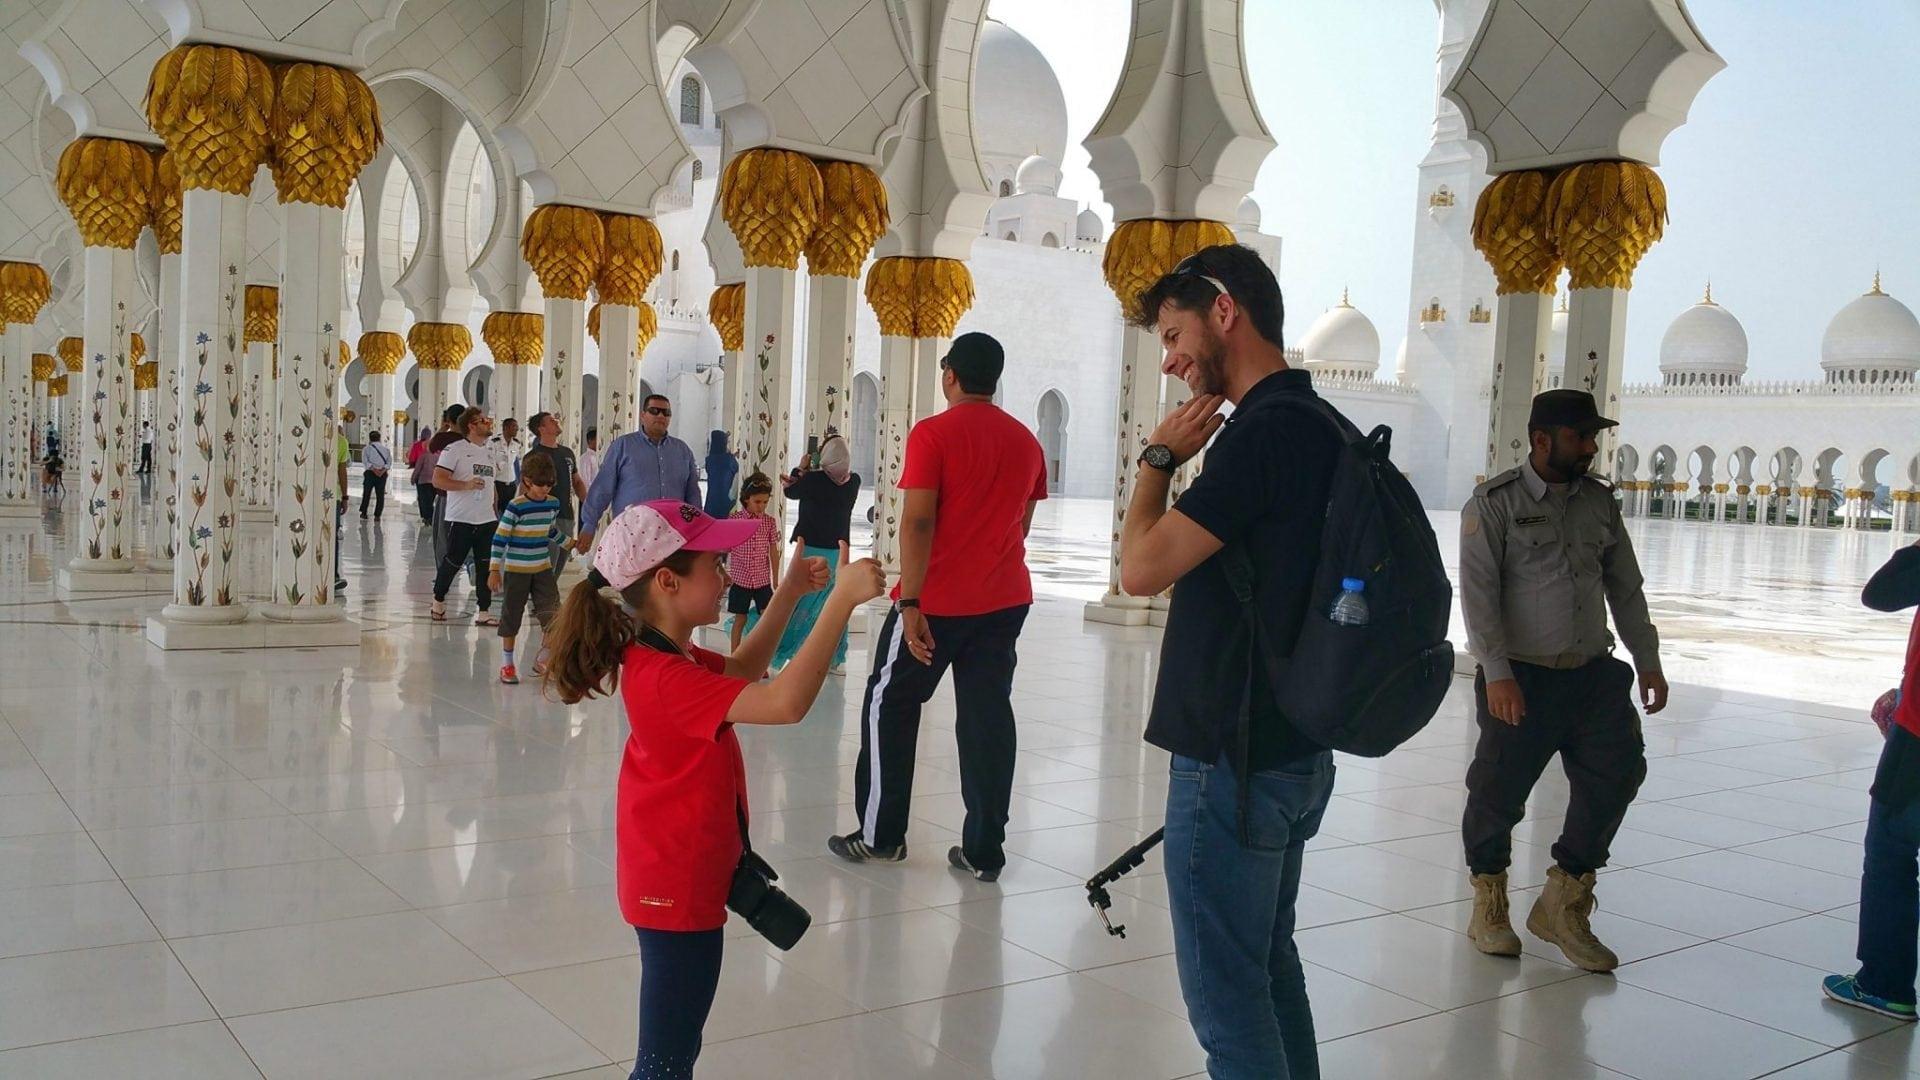 جامع الشيخ زايد - لا أدري عما كان الحديث، ولكن المهم أن لينه سعيدة ?